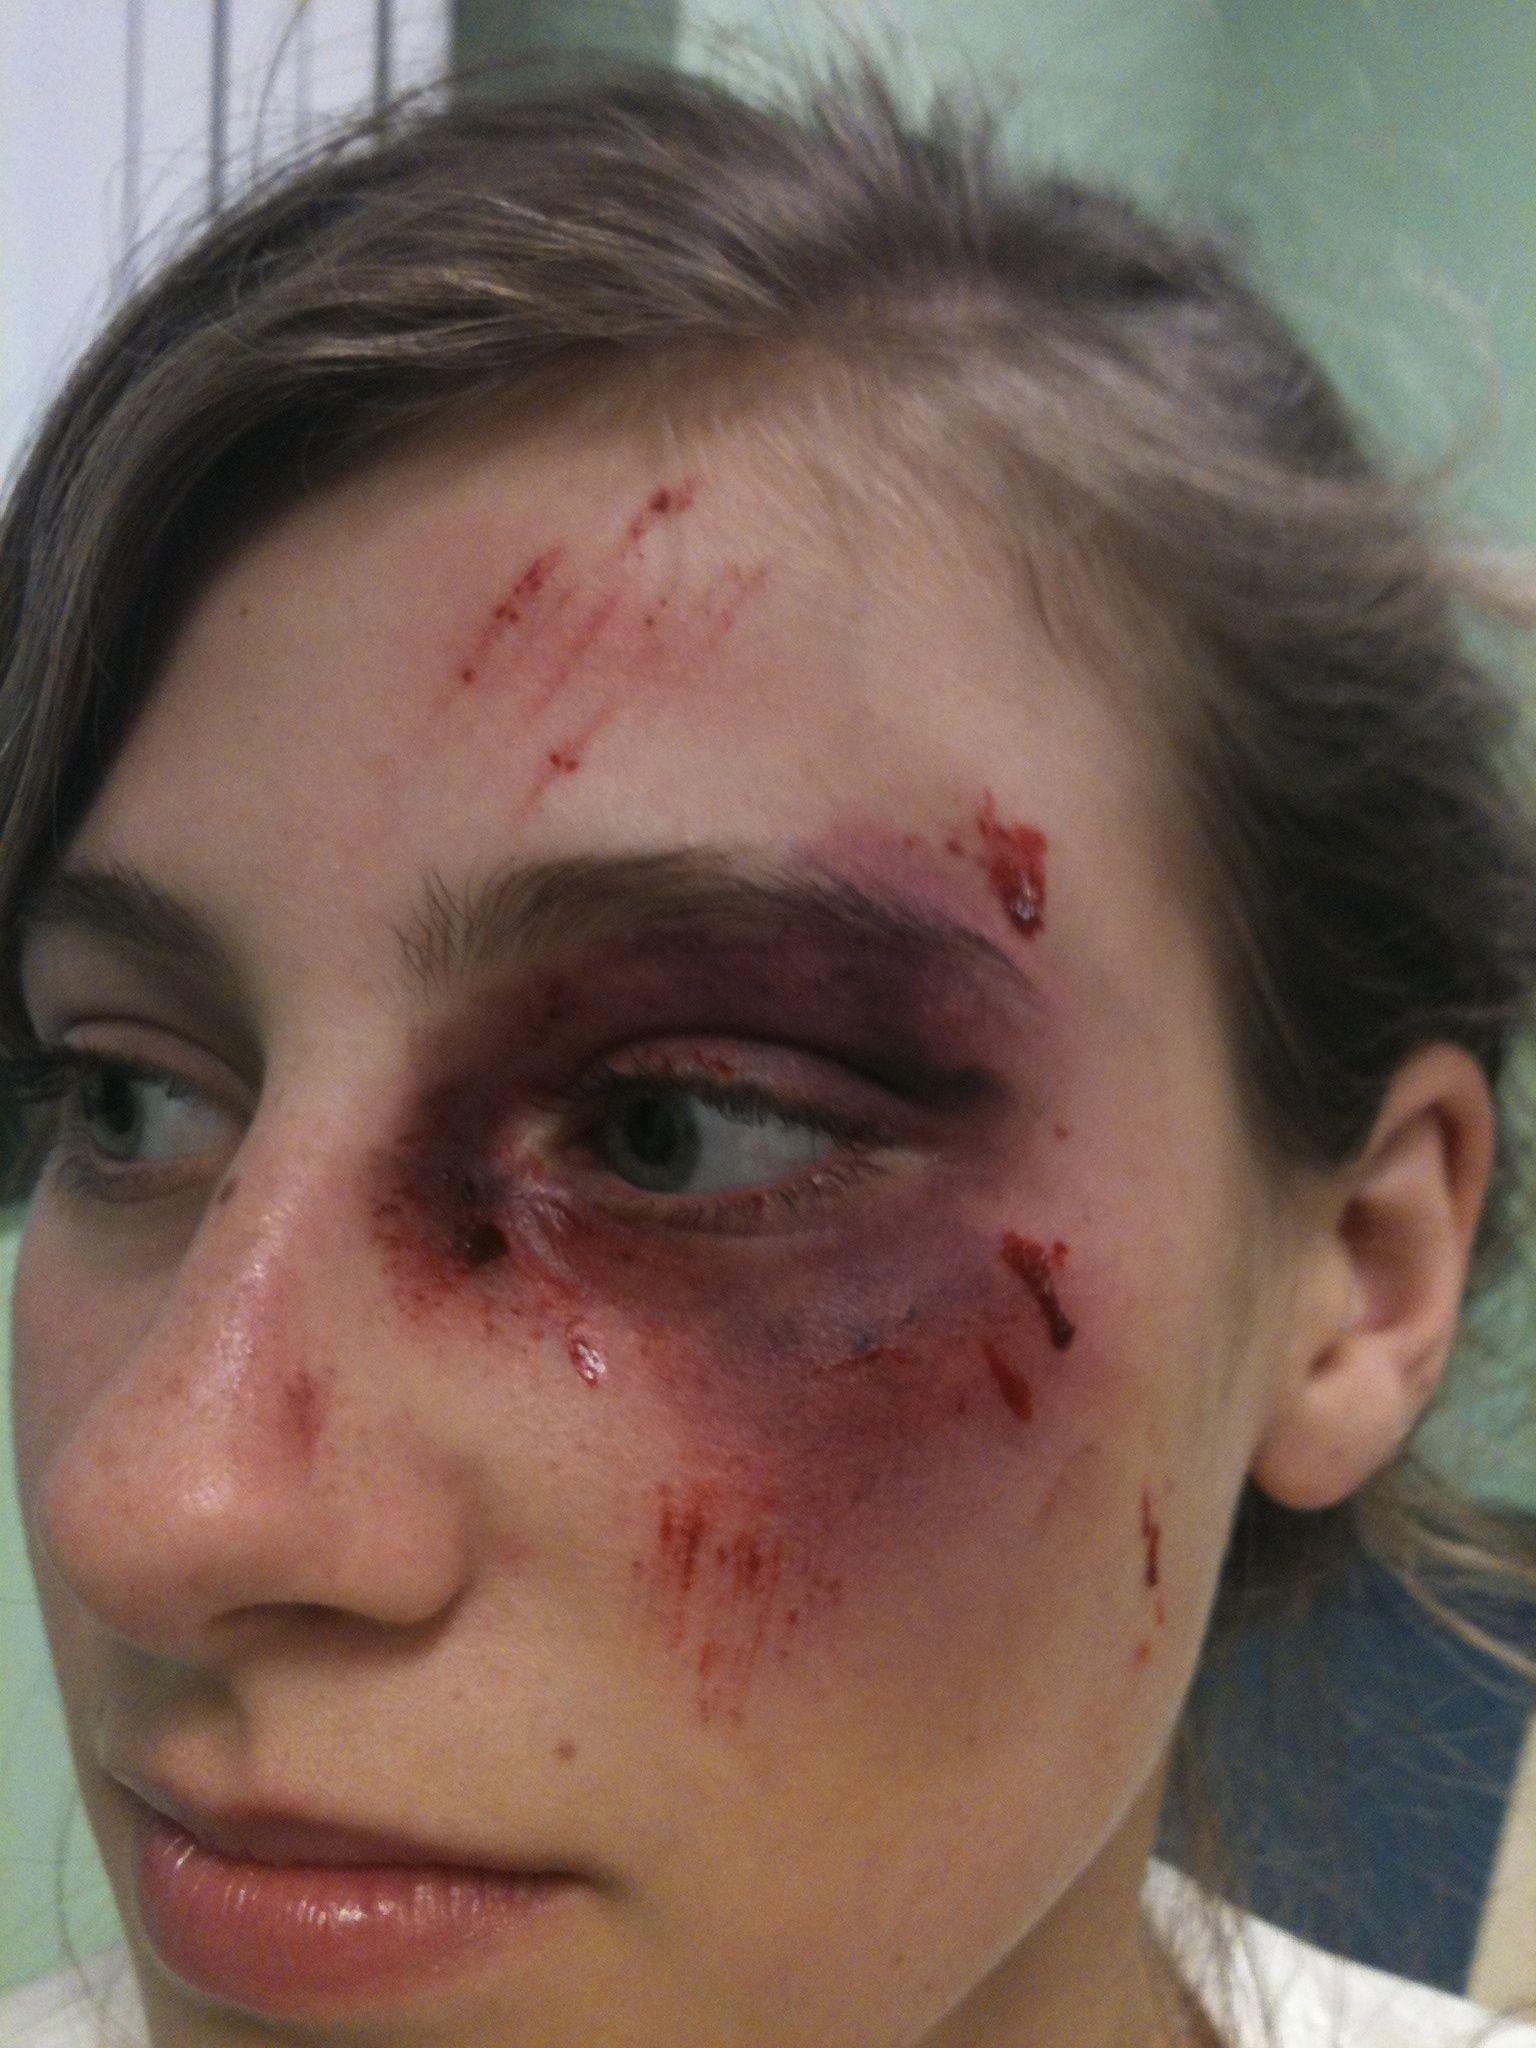 Makeup class! #Bruises | Hair and Makeup | Pinterest ...